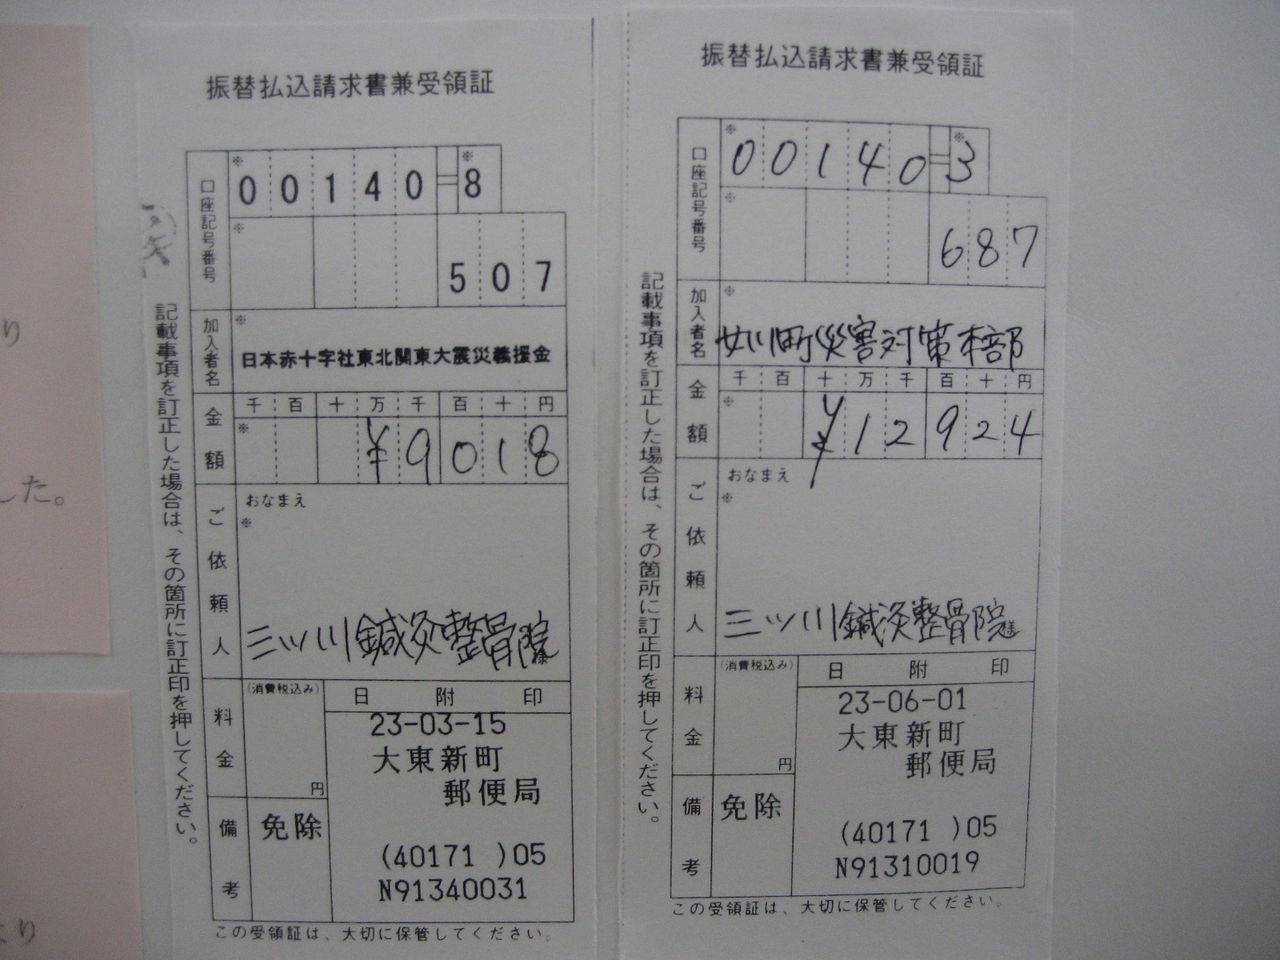 義援金を送金しました | 不妊|漢方|鍼灸|大阪|卵子の質改善|不妊専門の三ツ川レディース漢方鍼灸院